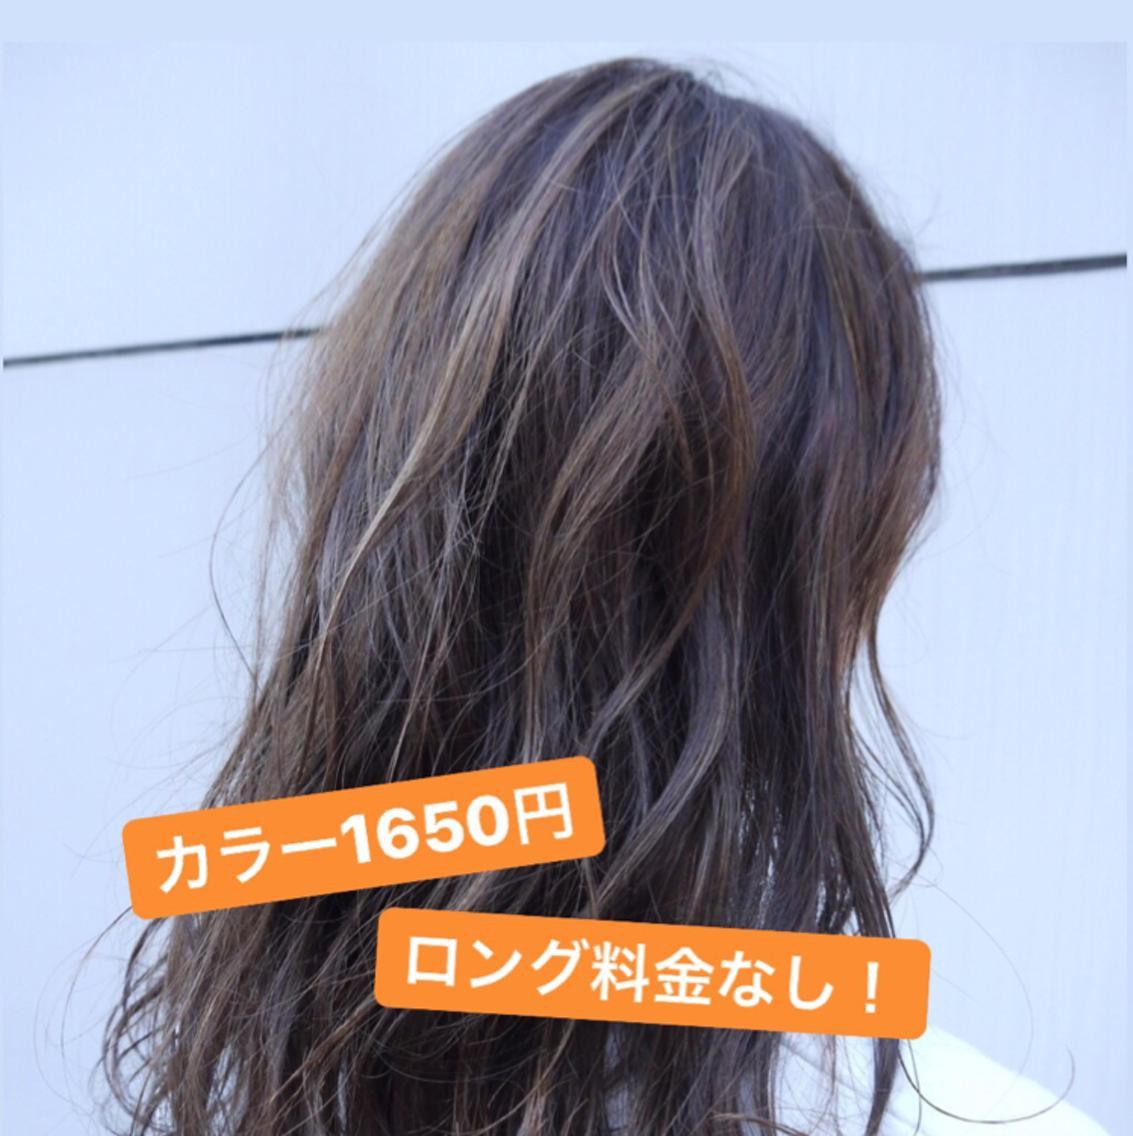 Ashいずみ中央店所属・守杏菜の掲載